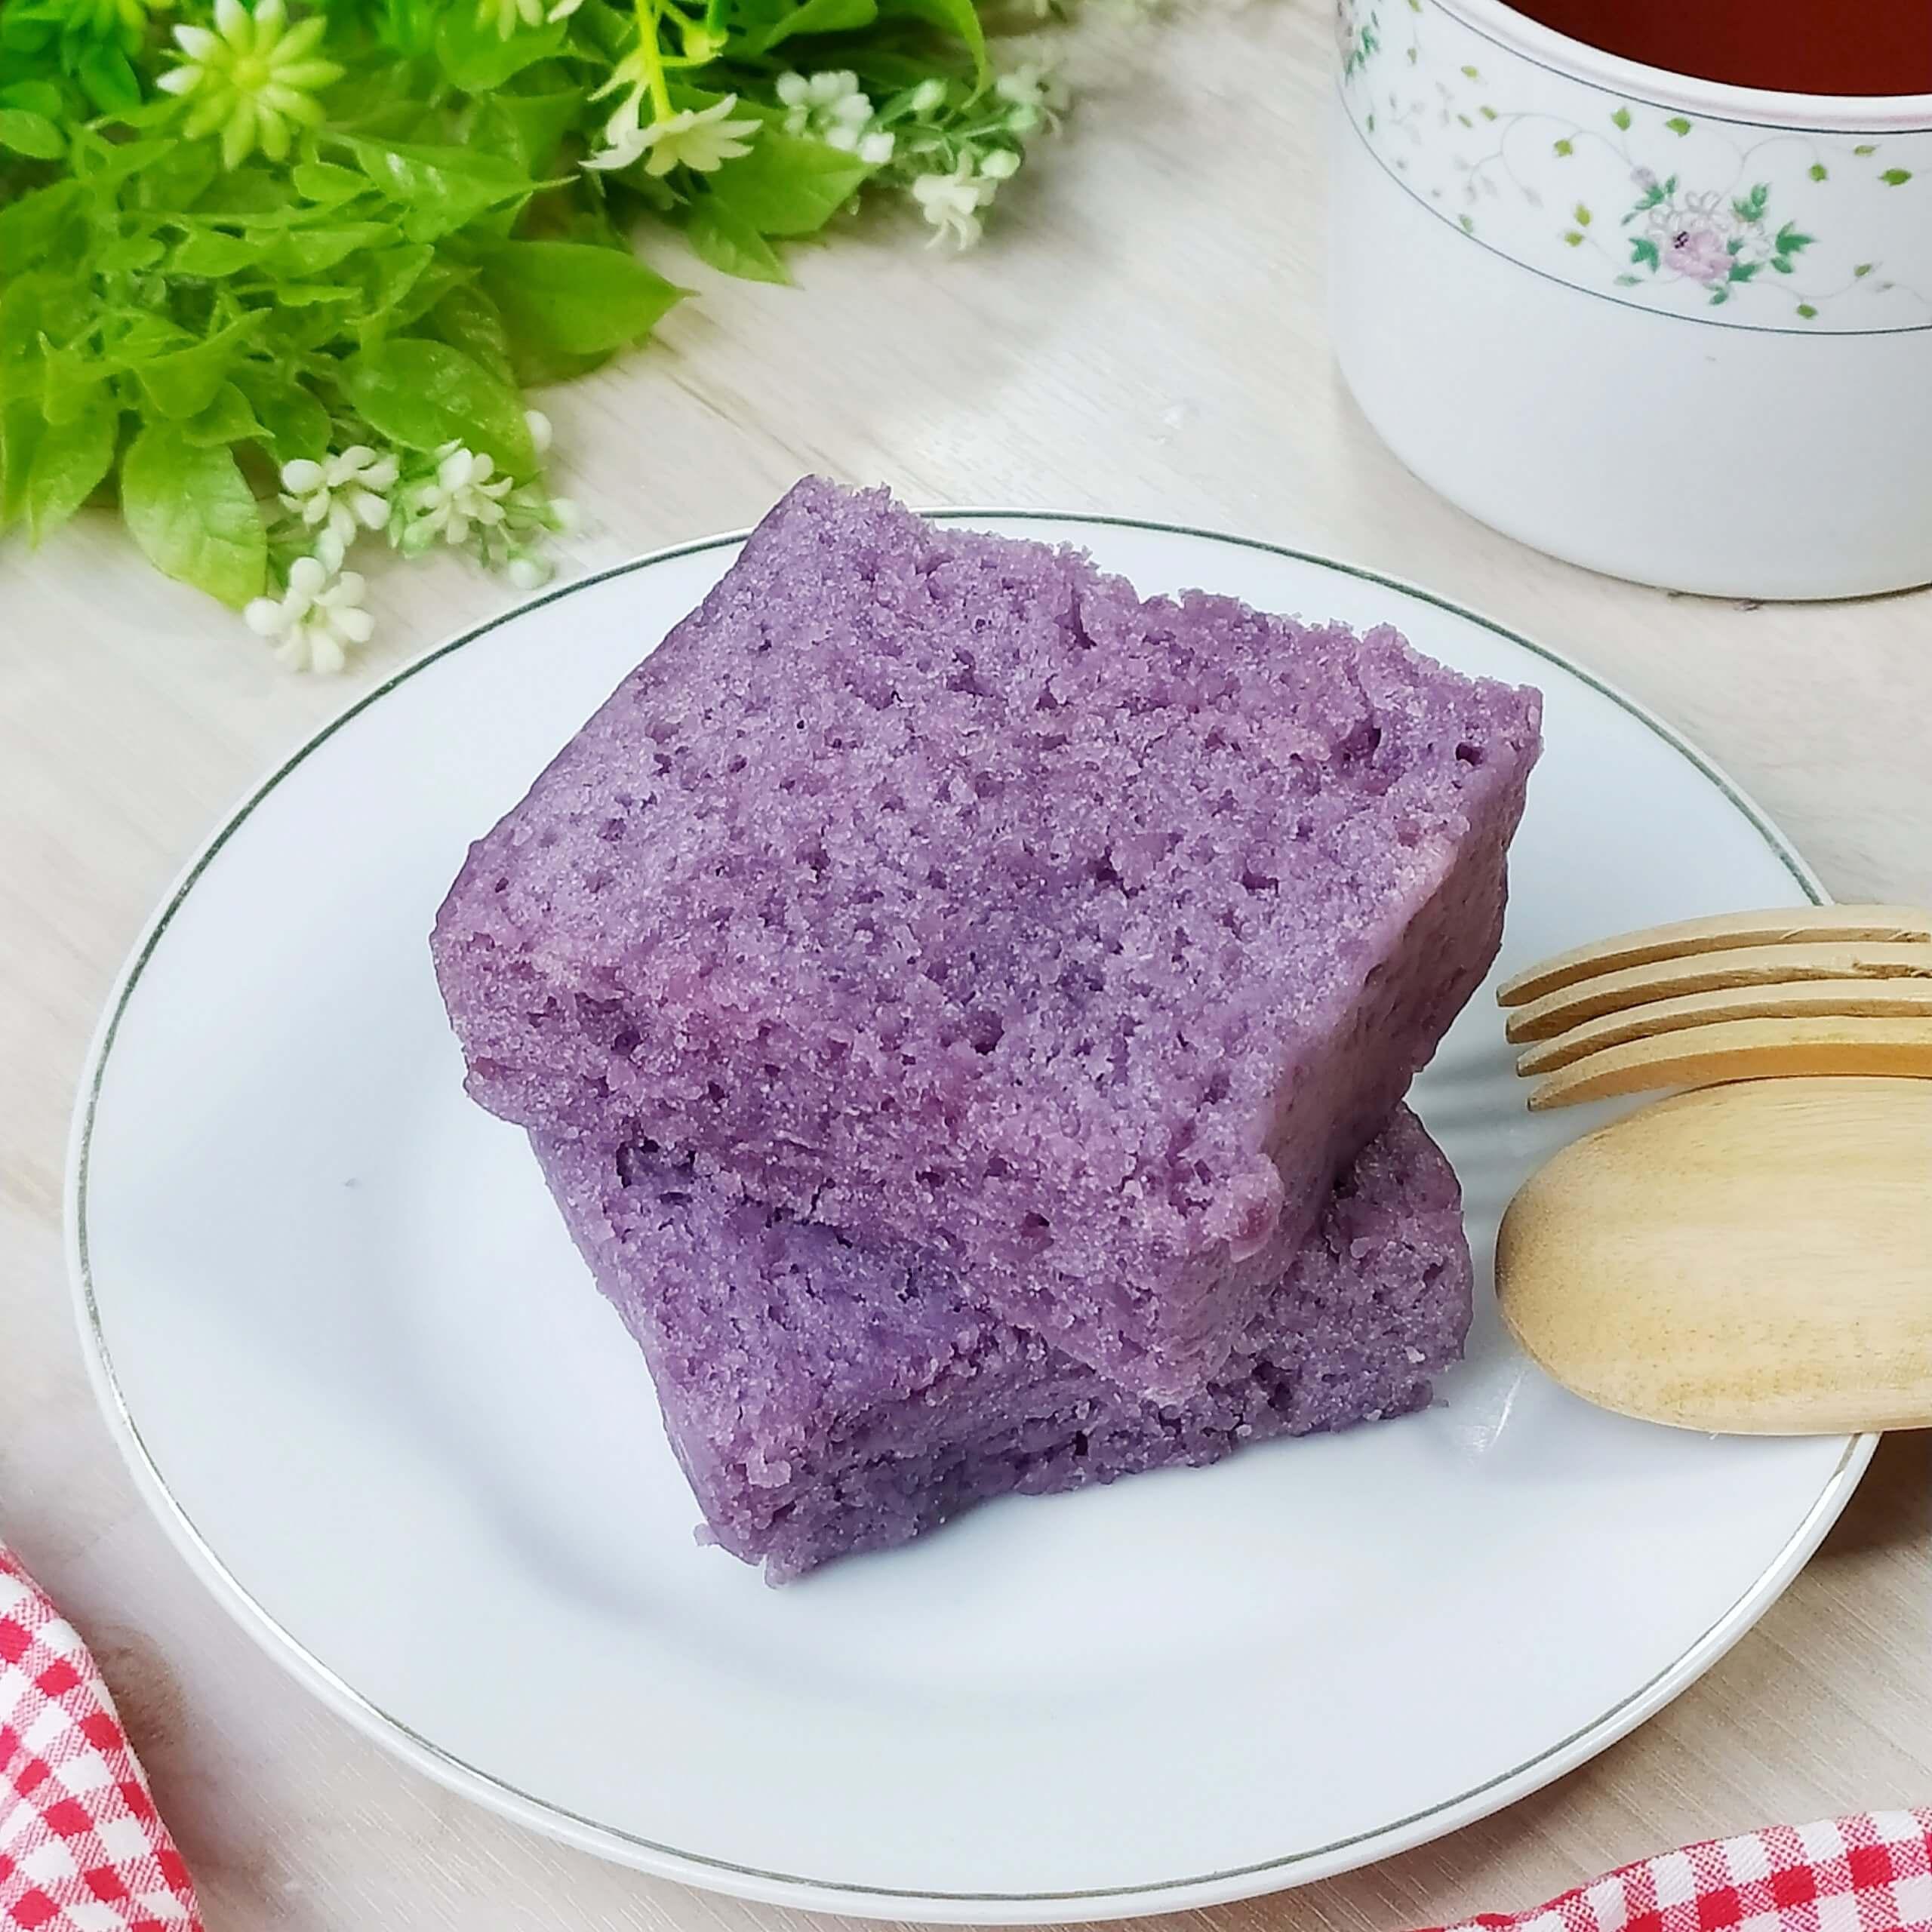 resep ubi ungu enak dan empuk